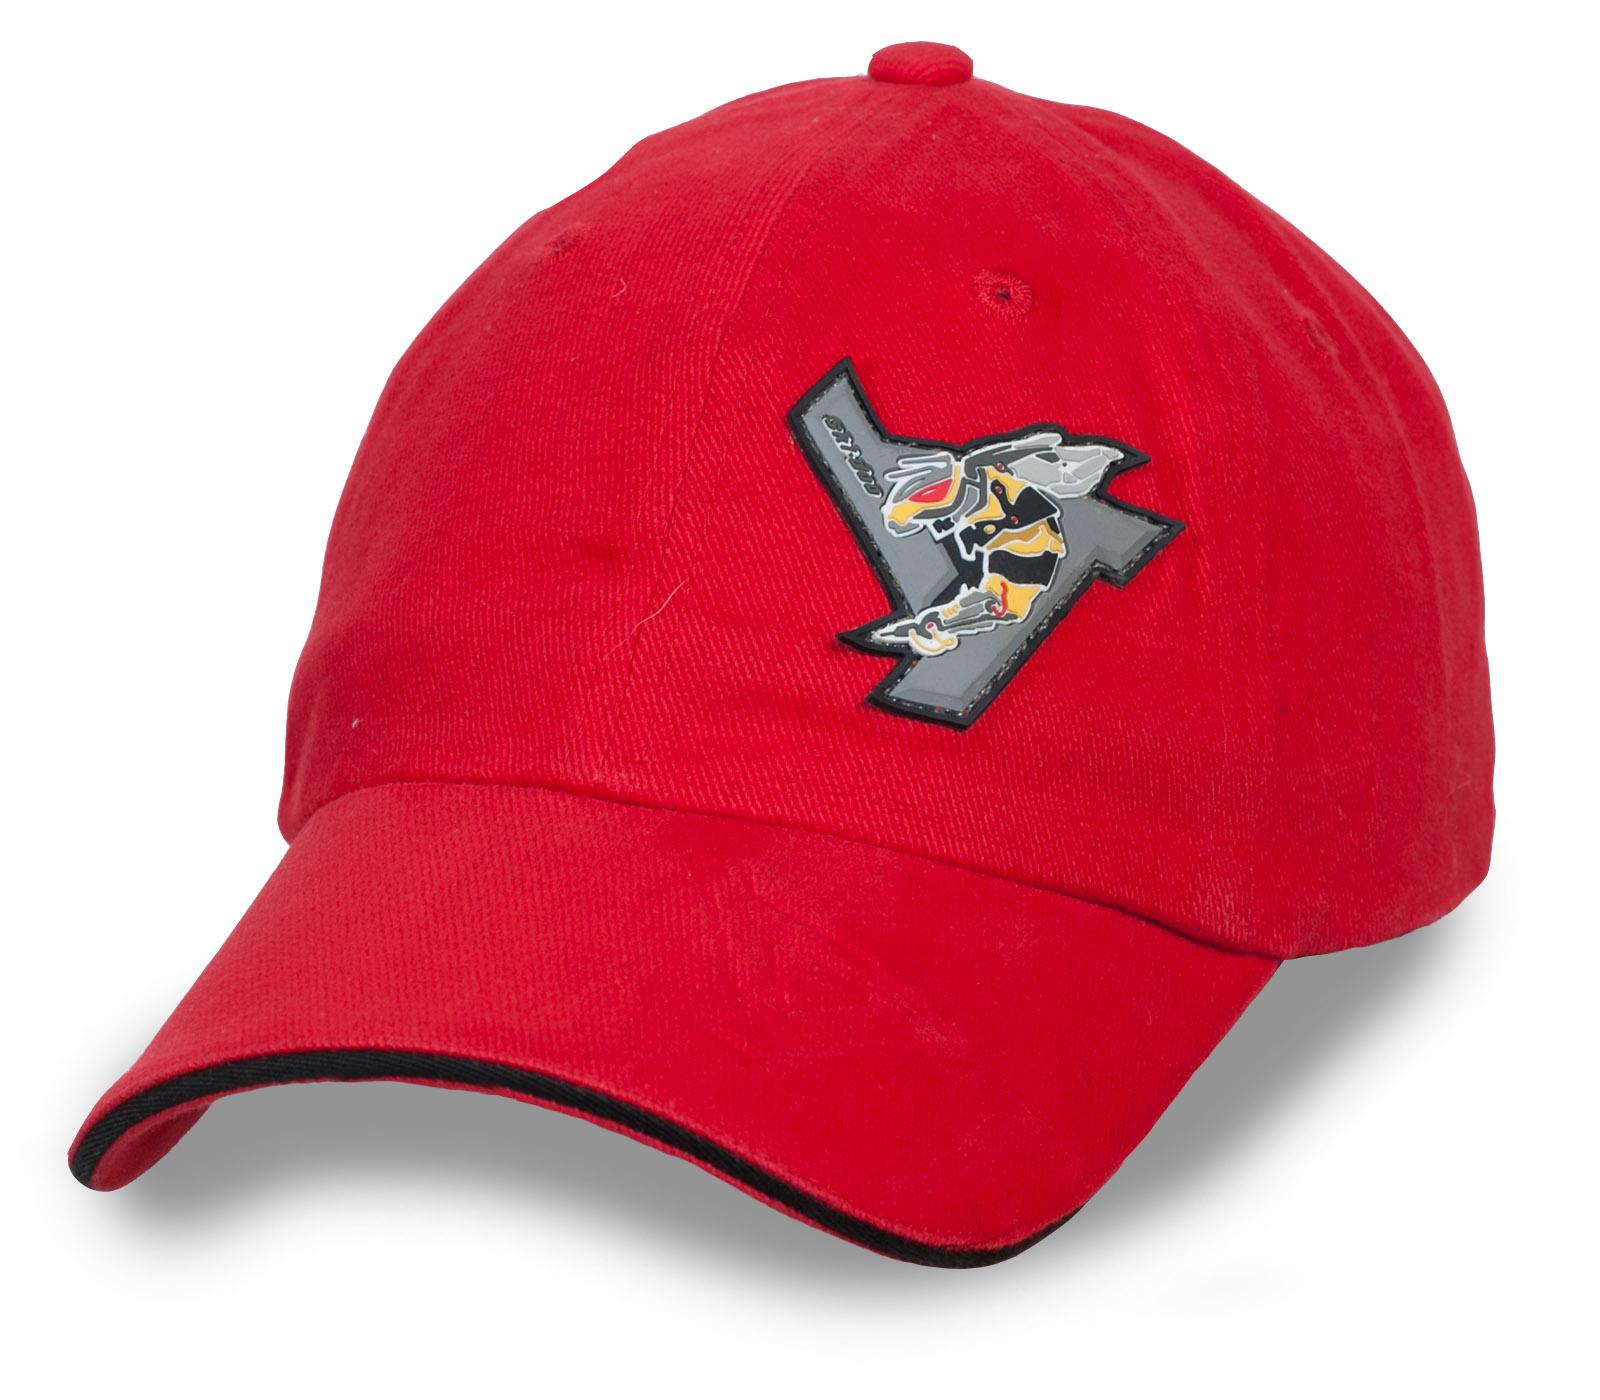 Купить в Москве брендовую красную бейсболку